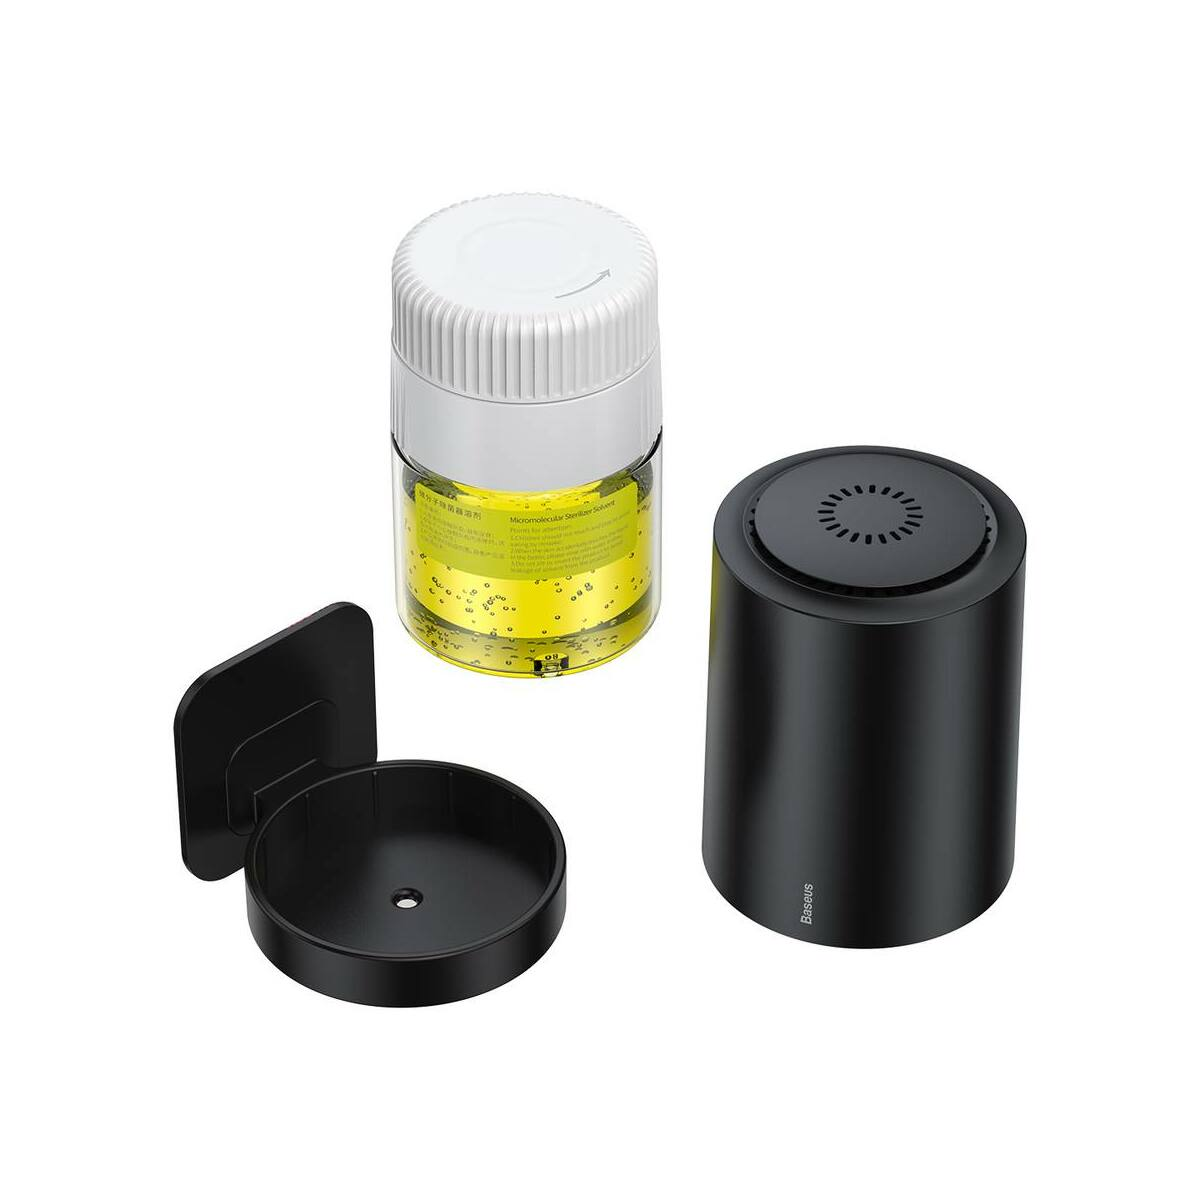 Baseus autós kiegészítő, Légtisztító és fertőtlenítő, mikromulekurális baktérium eltávolító, 100ml, fekete (CRSJCC-01)